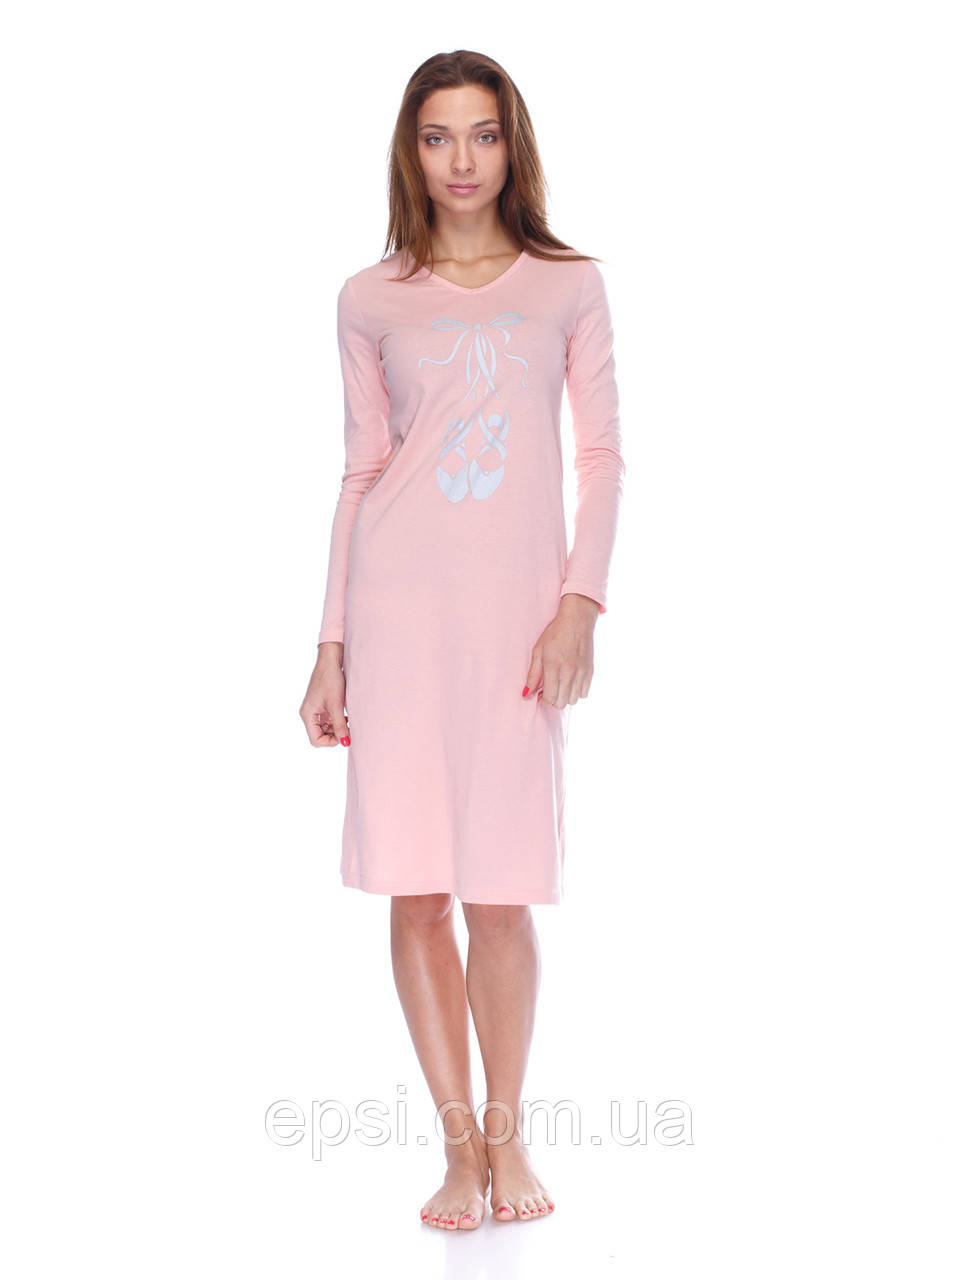 Сорочка Aniele 5330(Б5135) S Персик Пуанты